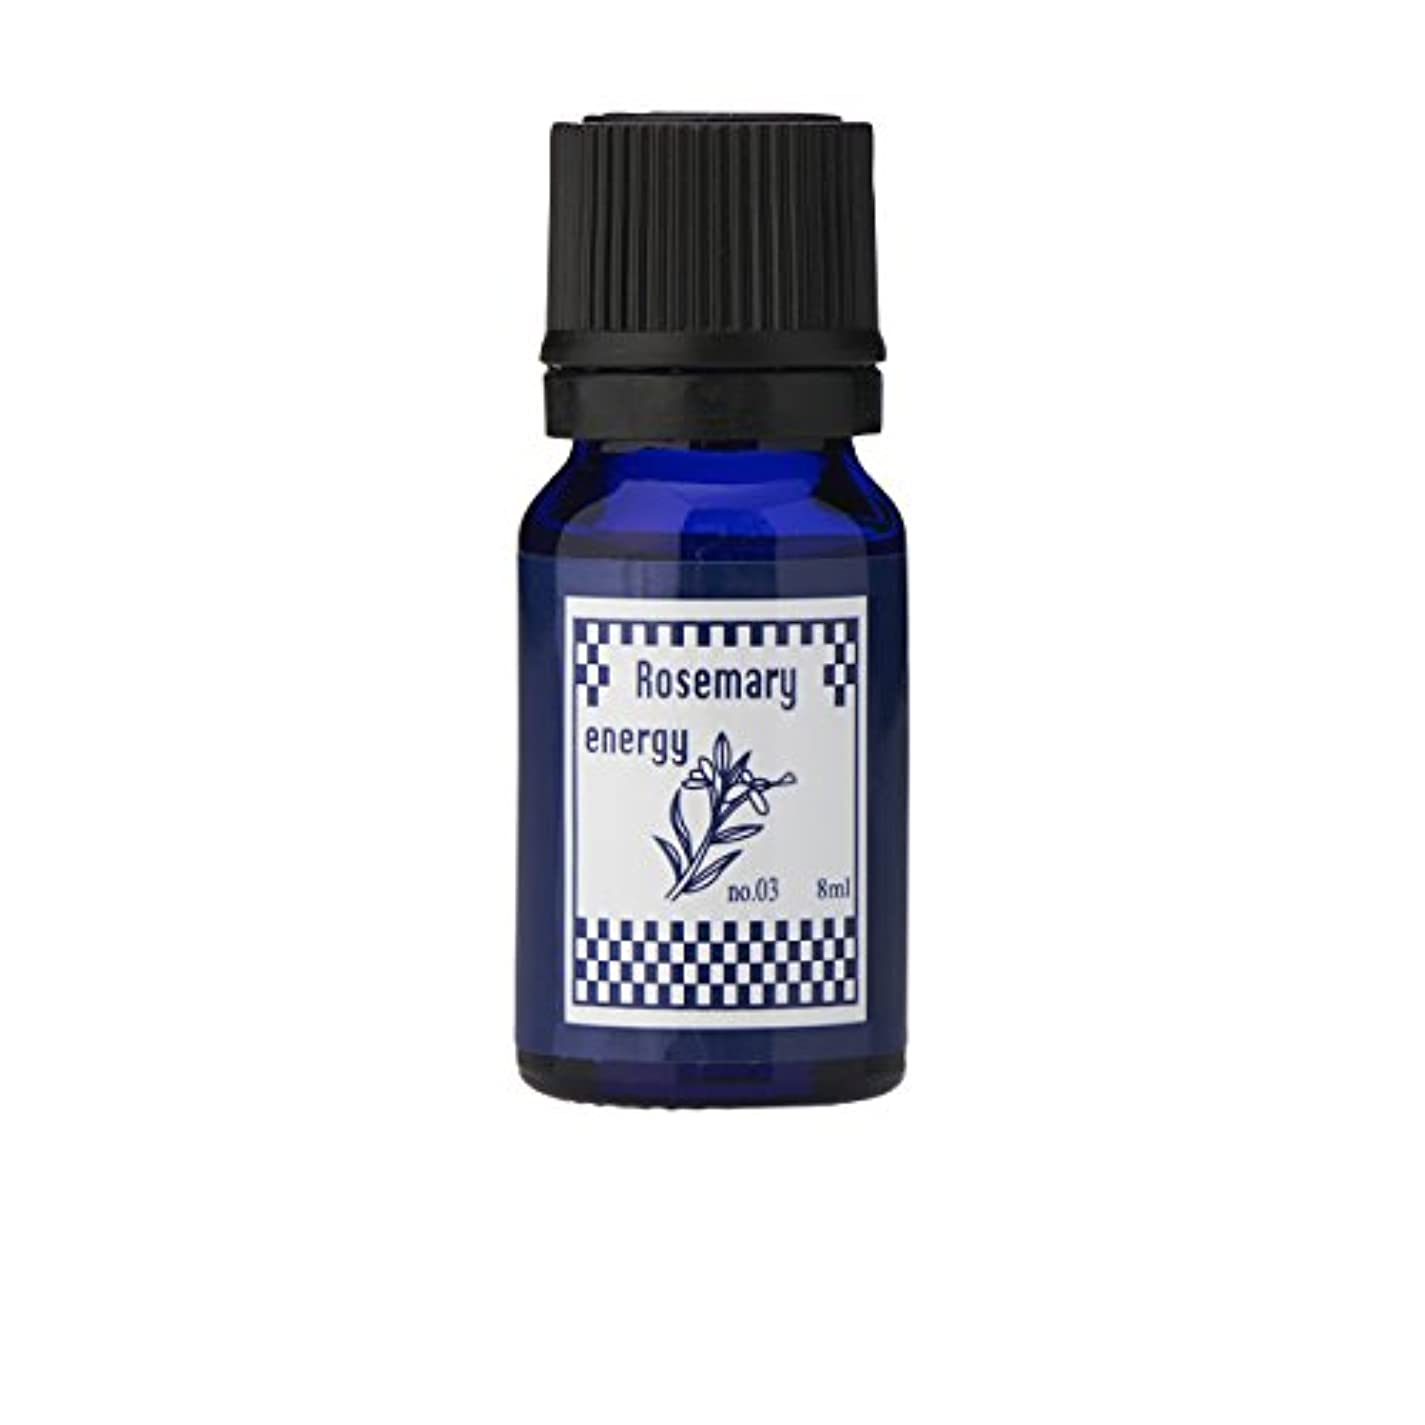 クラスあごひげ軽減するブルーラベル アロマエッセンス8ml ローズマリー(アロマオイル 調合香料 芳香用)